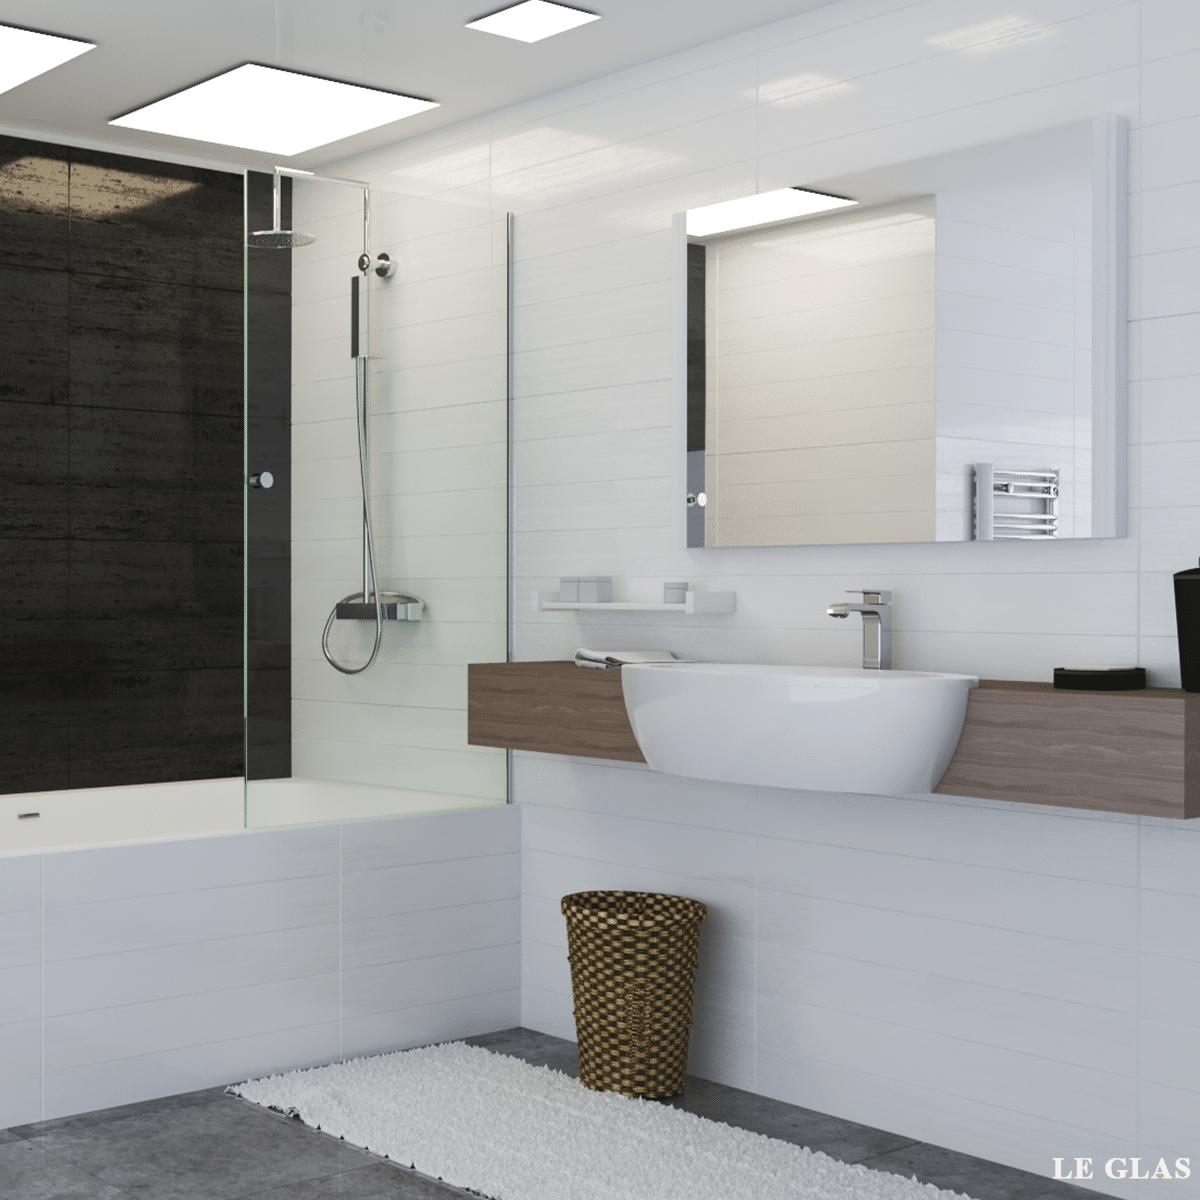 Brusevæg til badekar